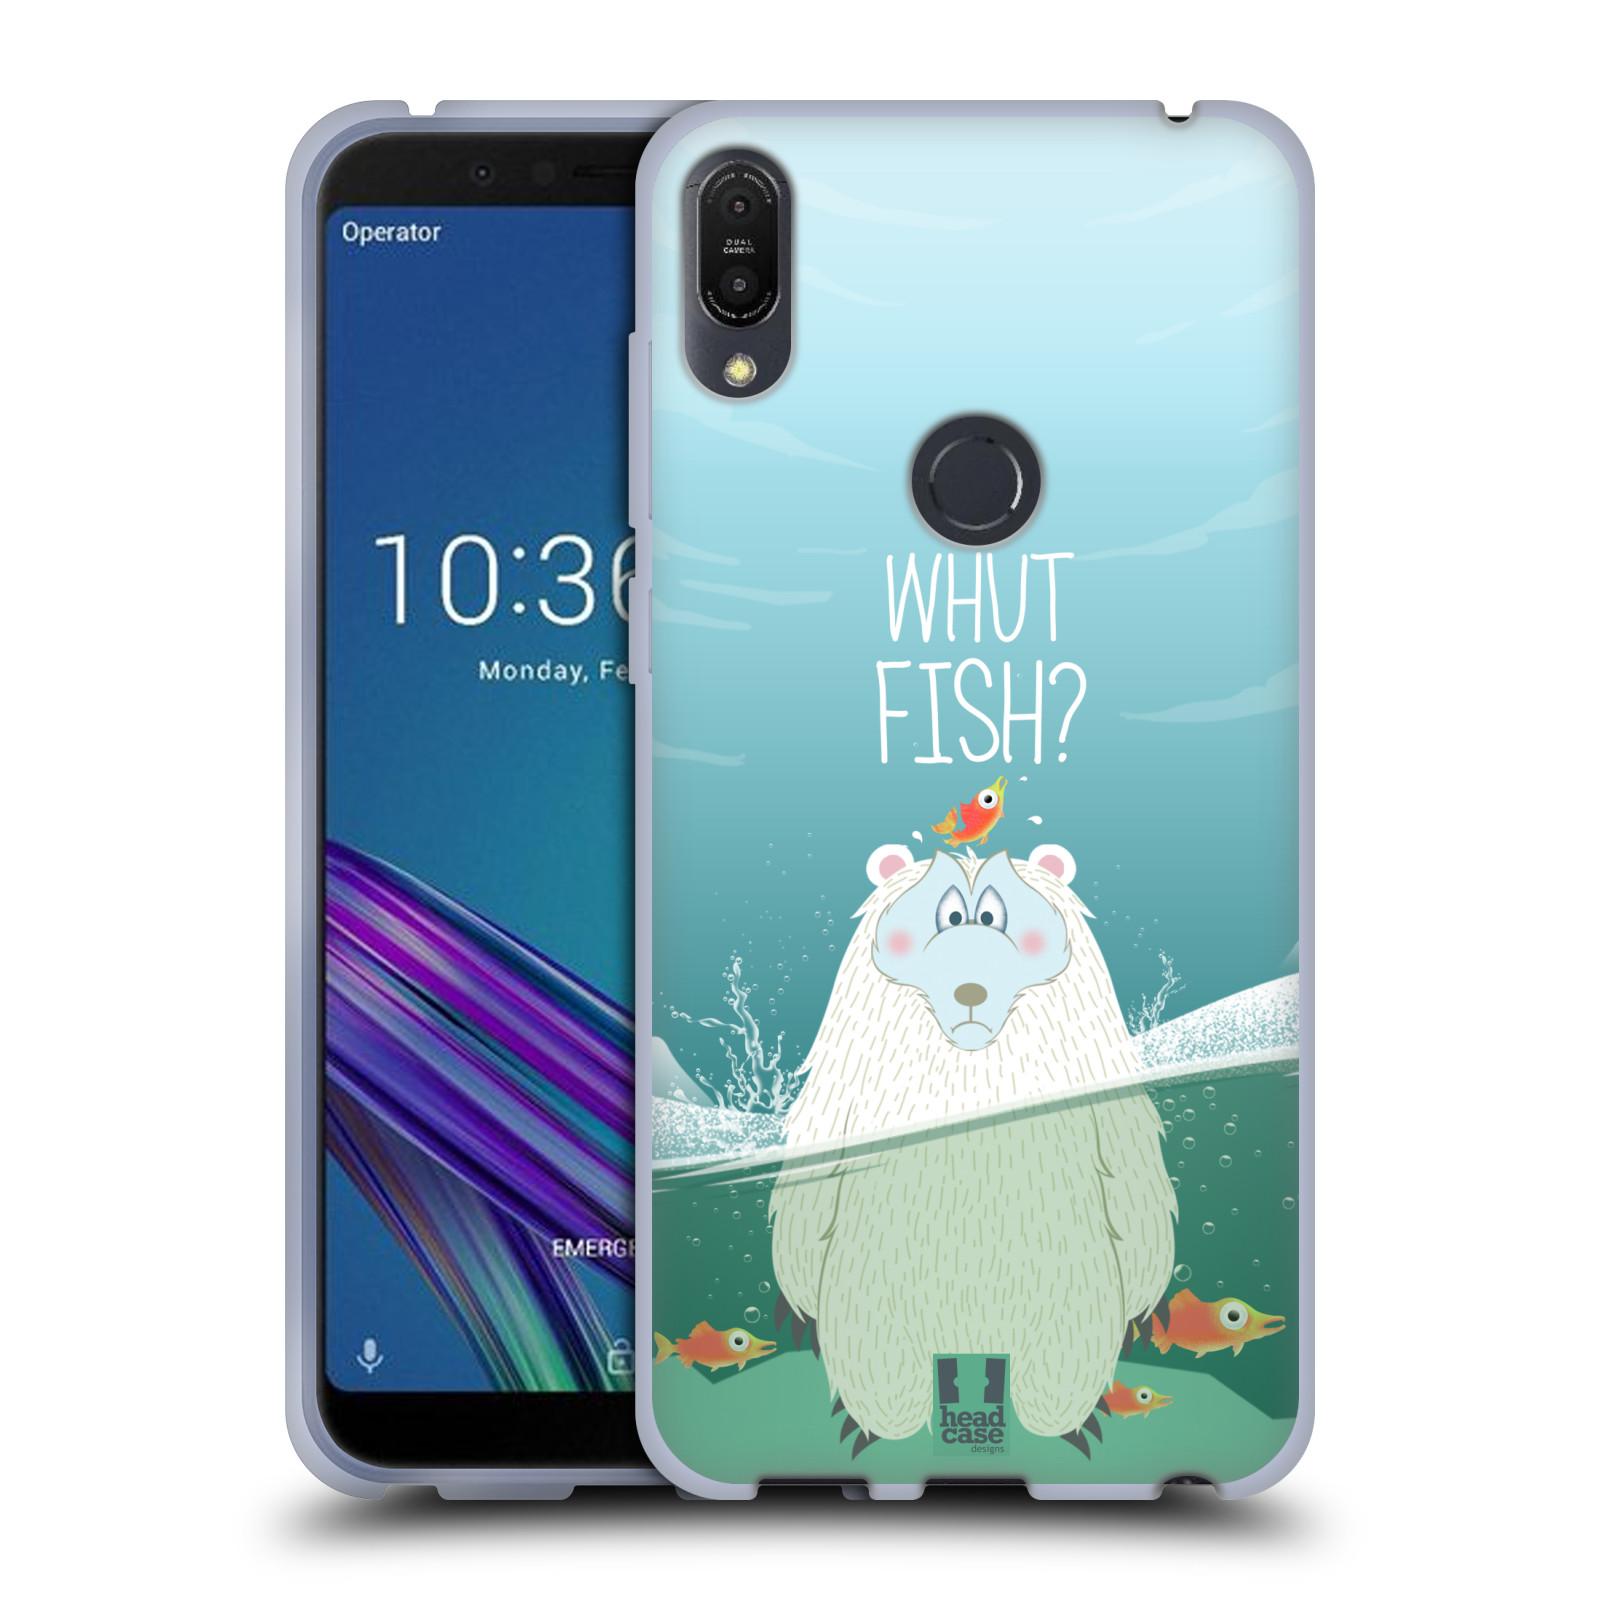 Silikonové pouzdro na mobil Asus ZenFone Max Pro (M1) - Head Case - Medvěd Whut Fish?